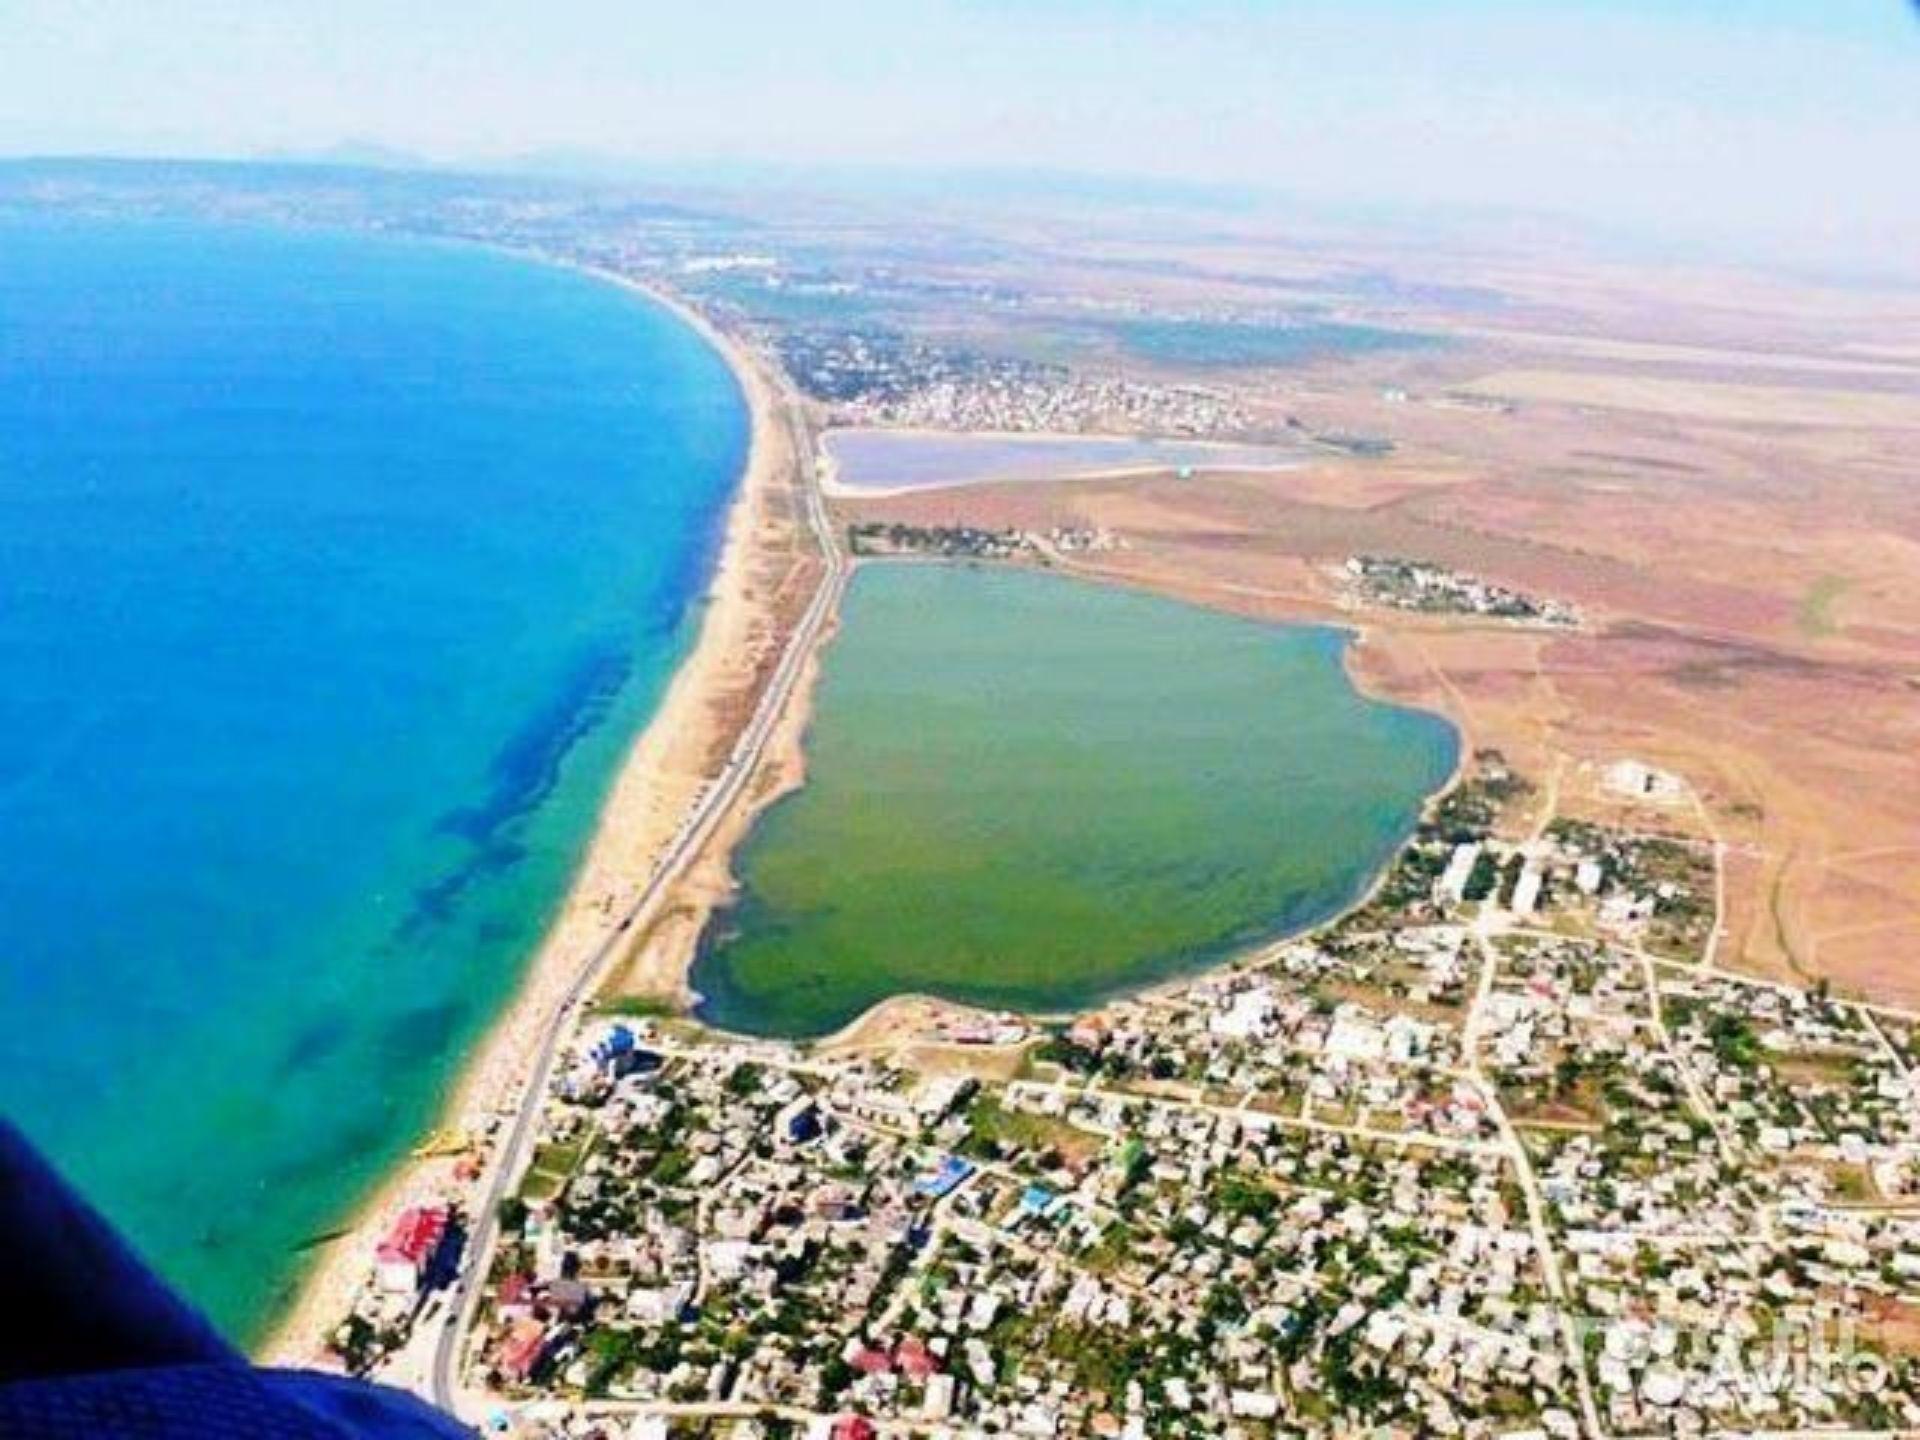 озеро Кучук-Аджиголь береговое крым